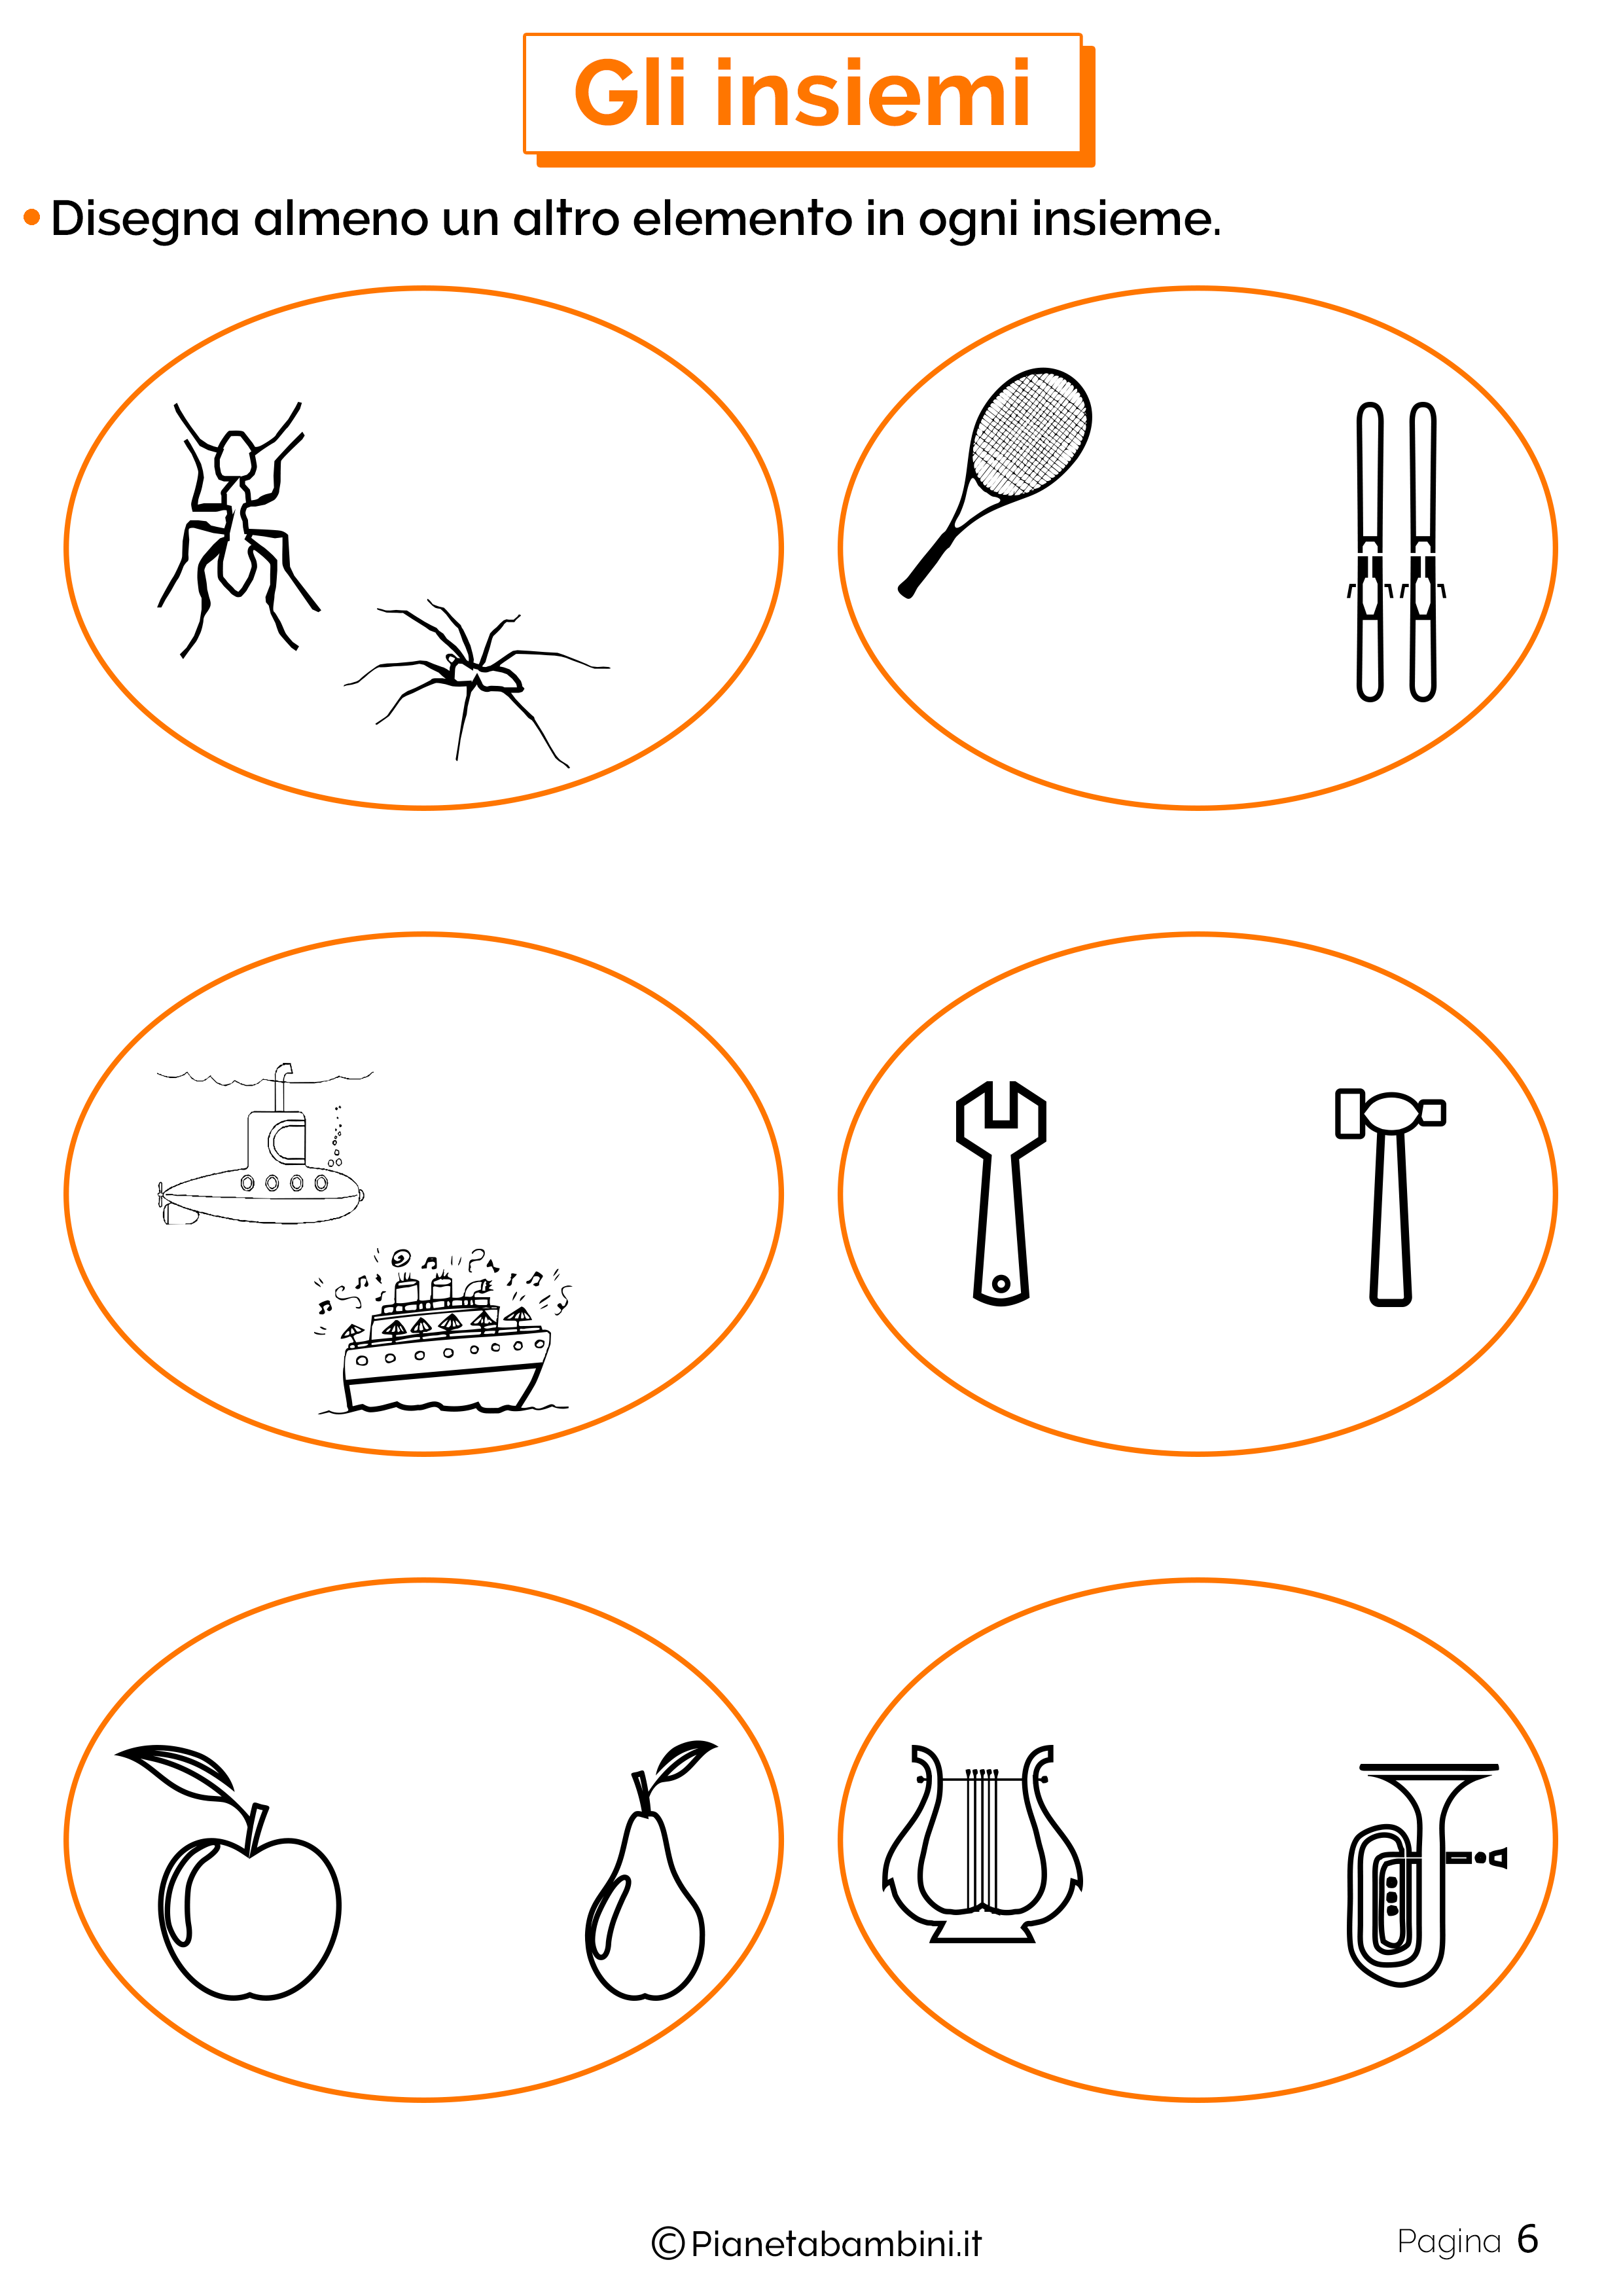 Schede didattiche sugli insiemi 6